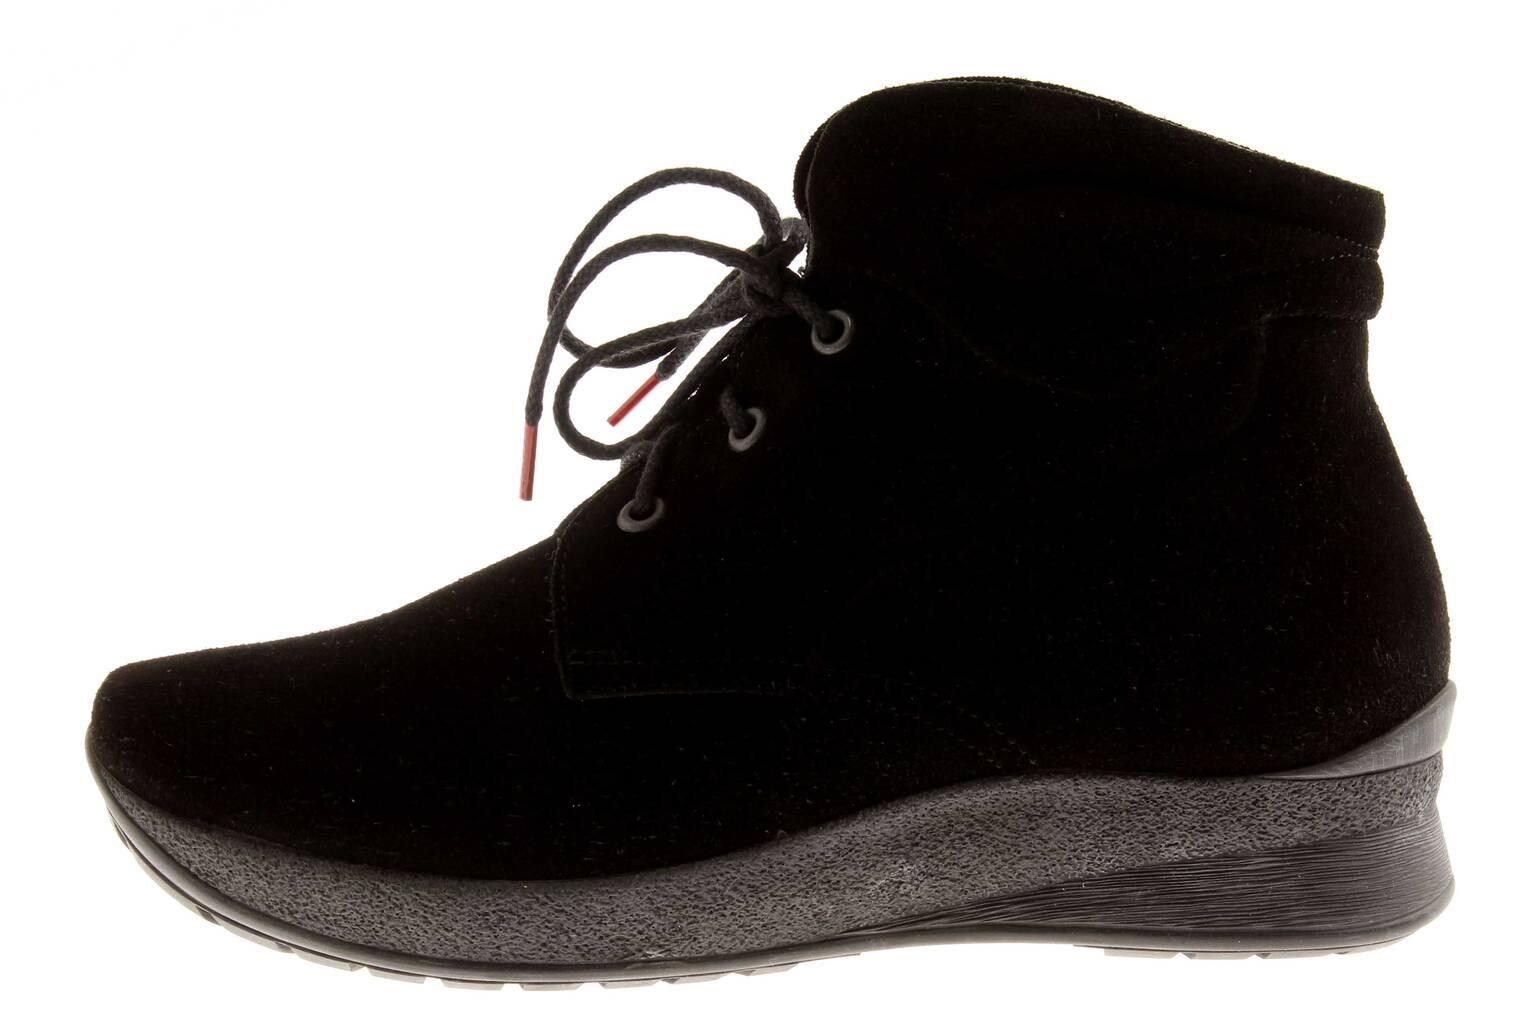 Think  SchnürStiefel Stiefel 1-81126 Lederstiefel Kurzstiefel Leder Damen 1-81126 Stiefel Chiwi 6c1b02